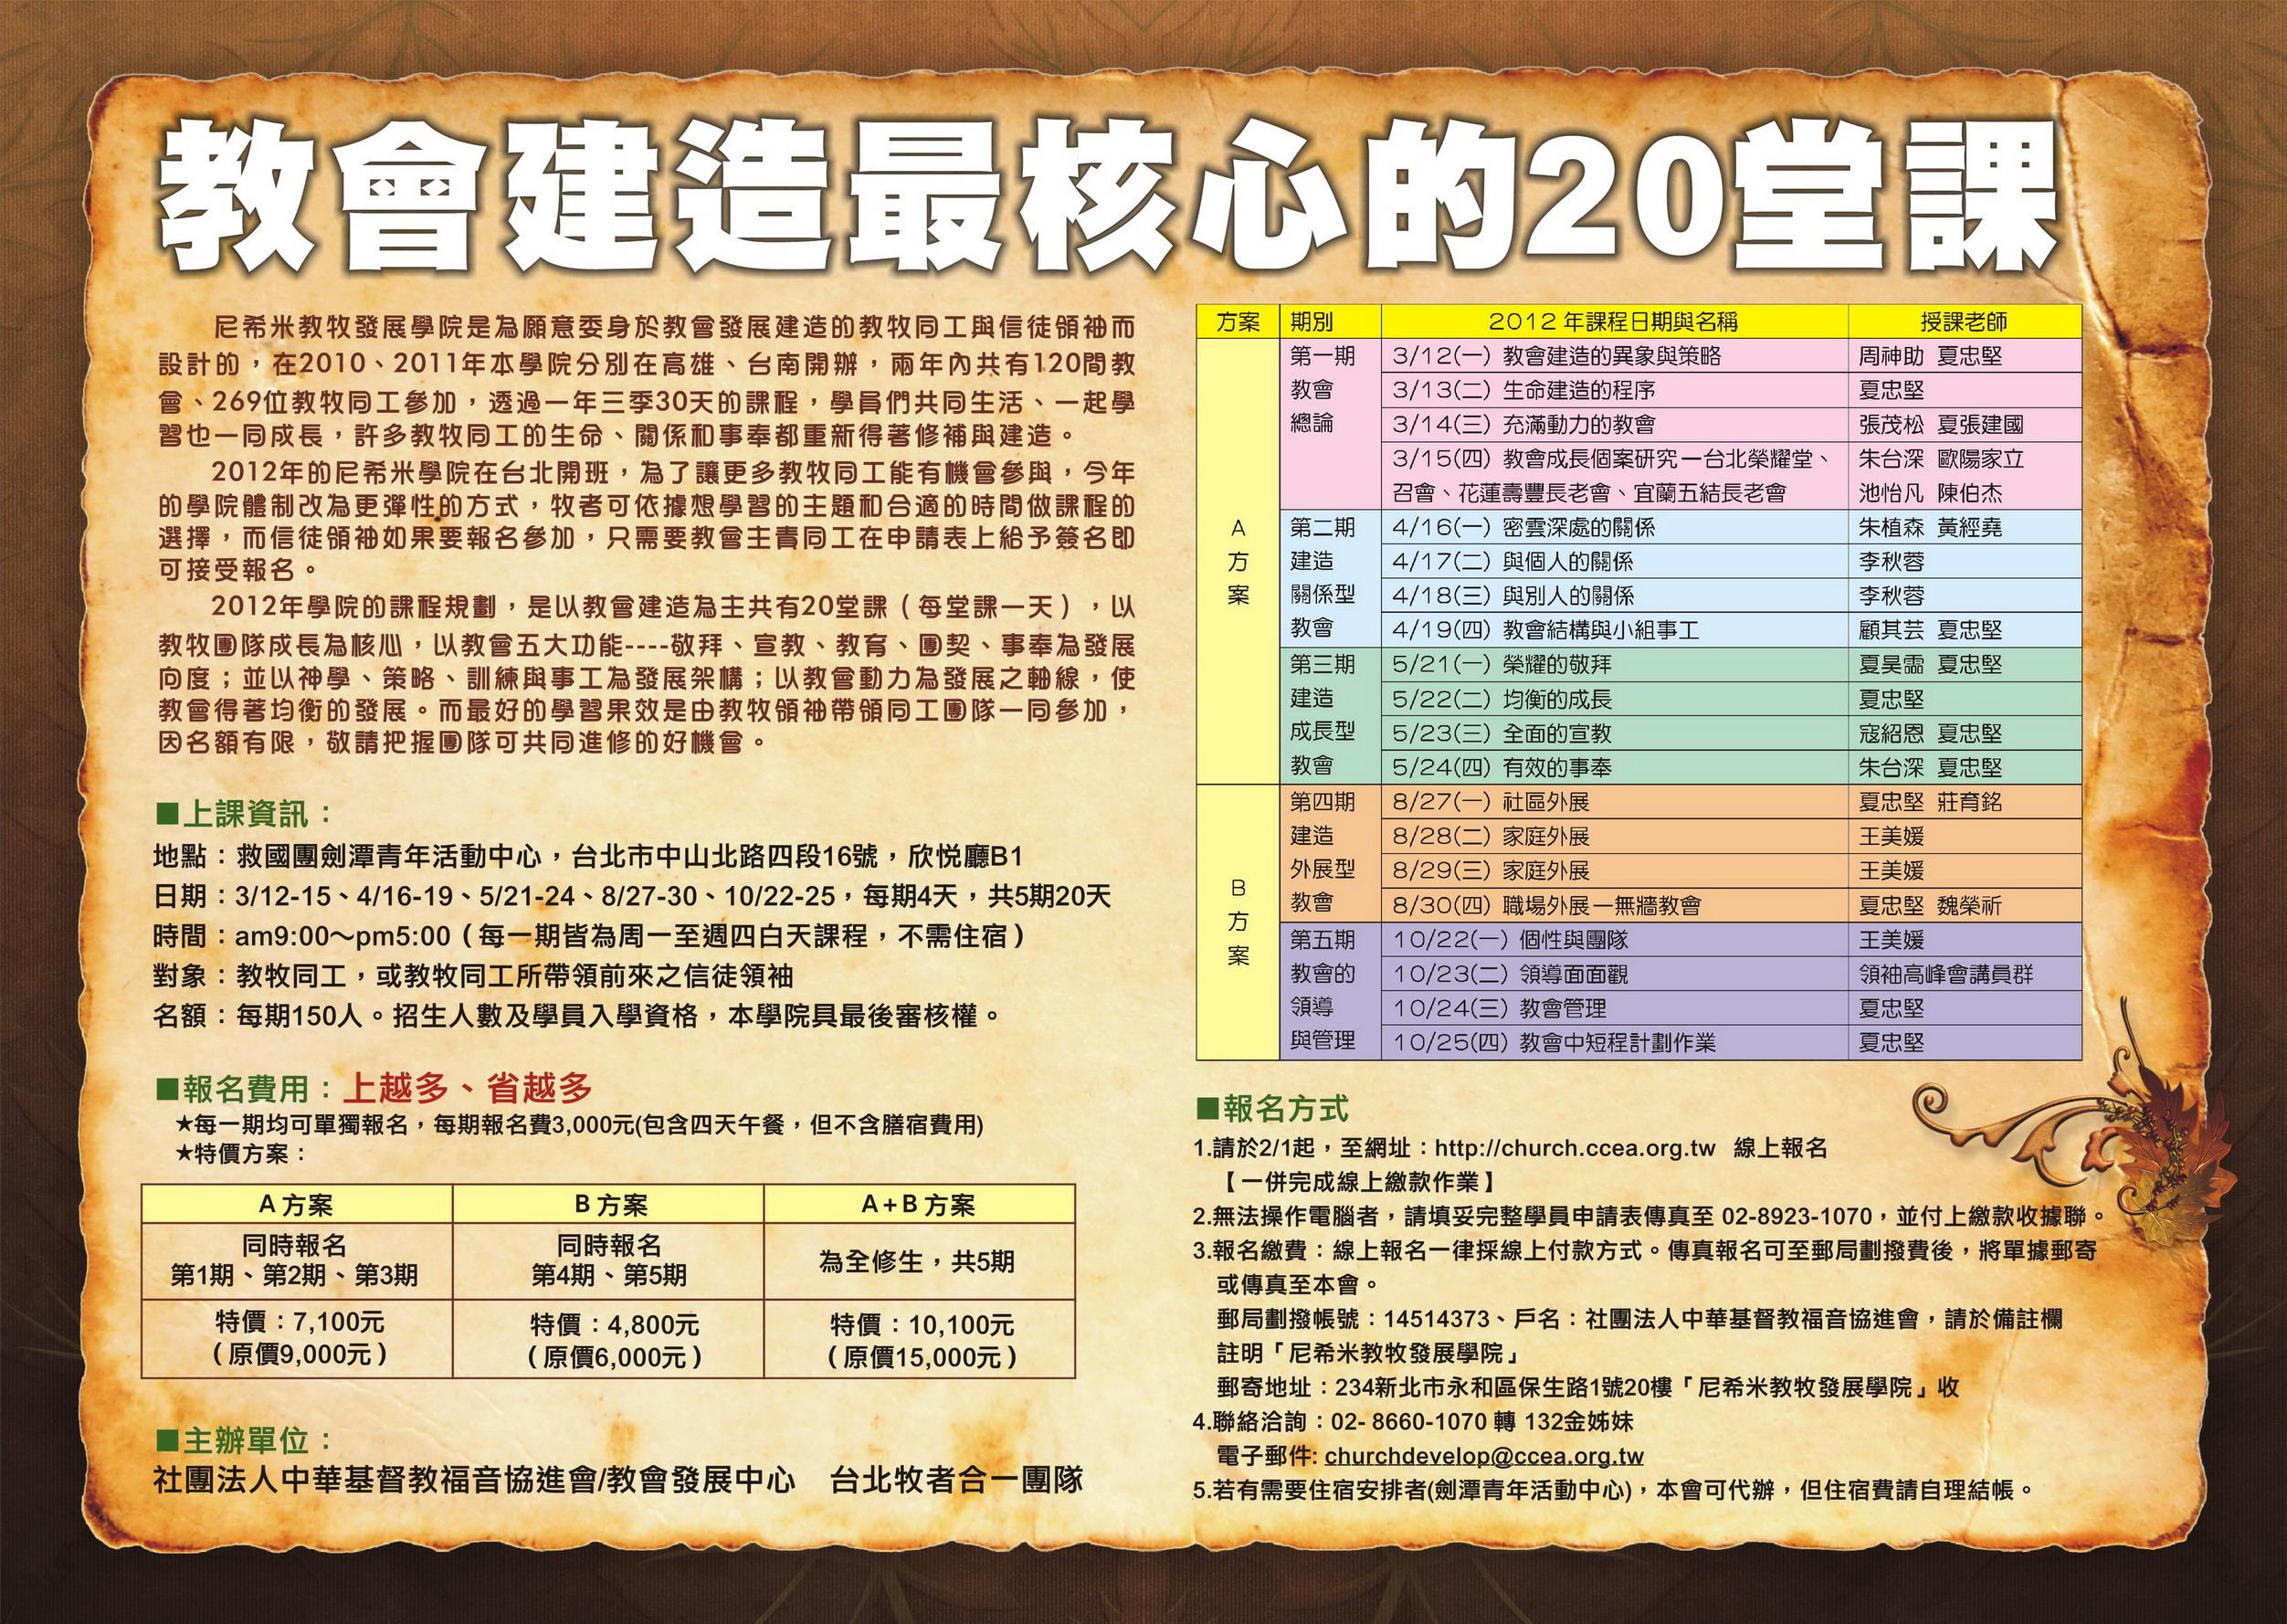 中华基督教福音协进会